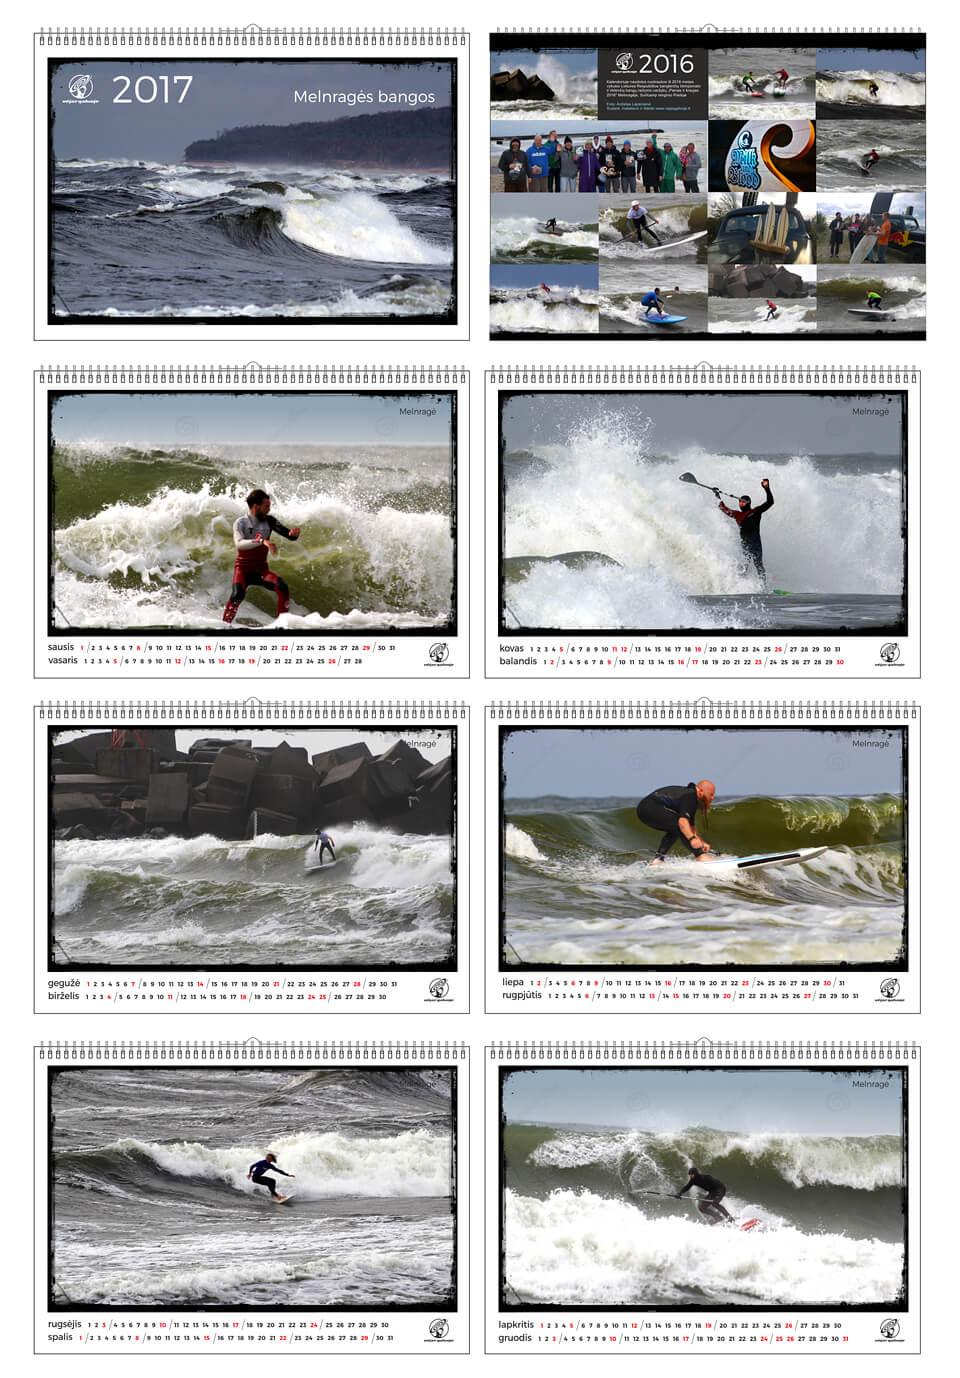 20161218_surf_kalendorius1